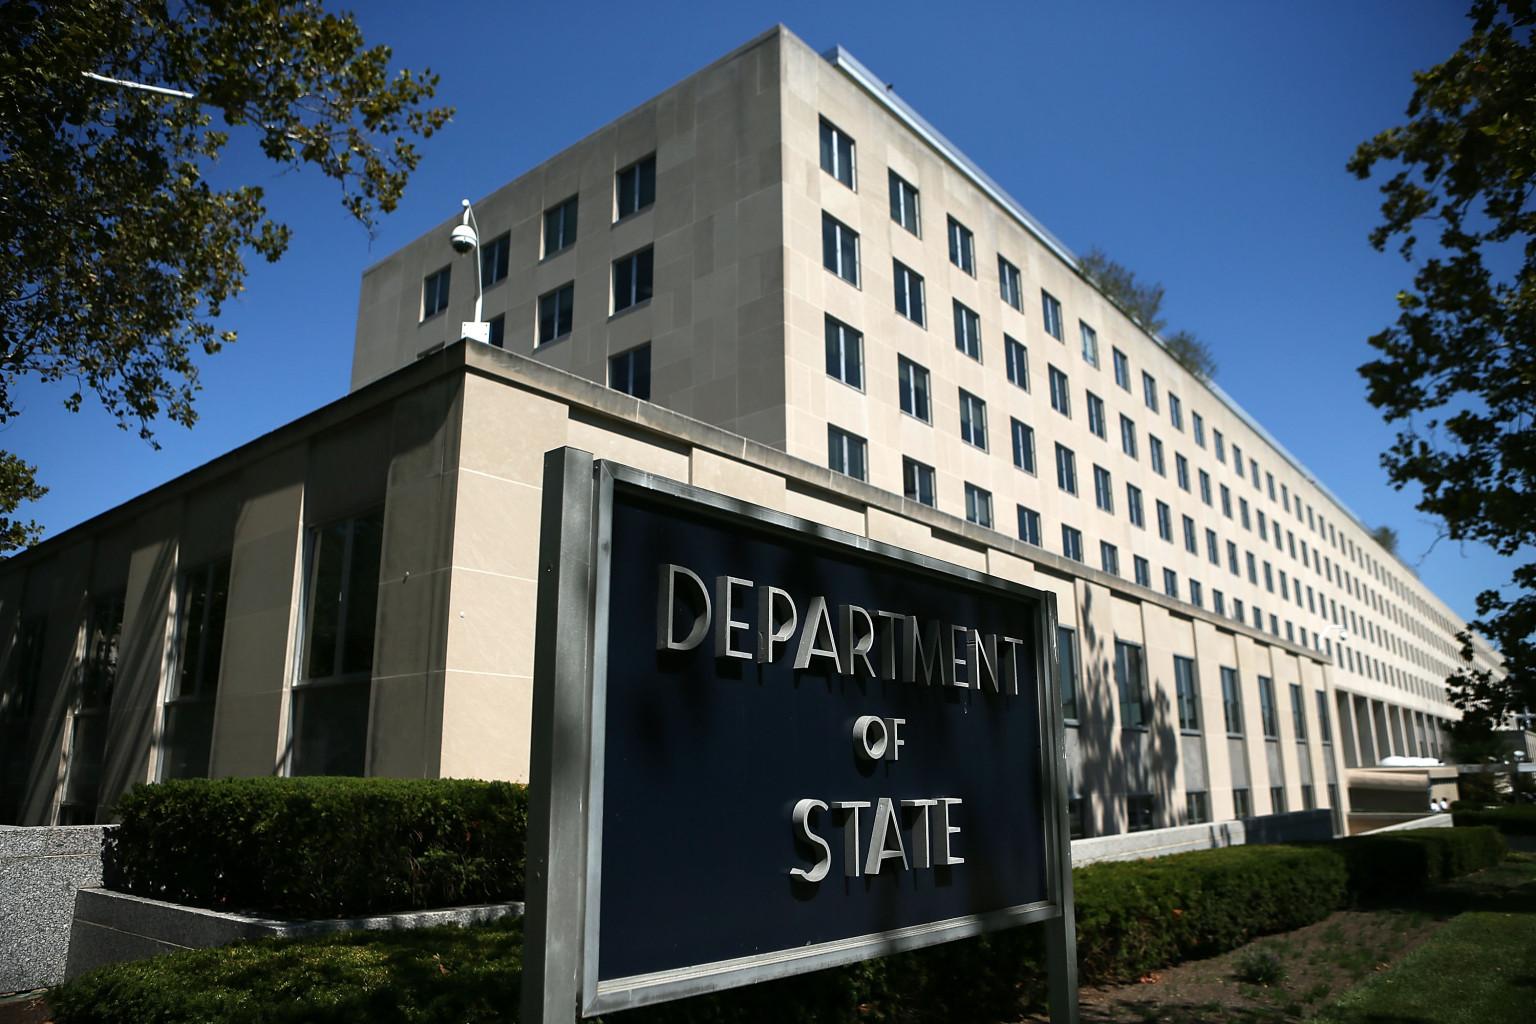 Το Υπουργείο Εξωτερικών των ΗΠΑ για τις εκλογές στην Βοσνία Ερζεγοβίνη